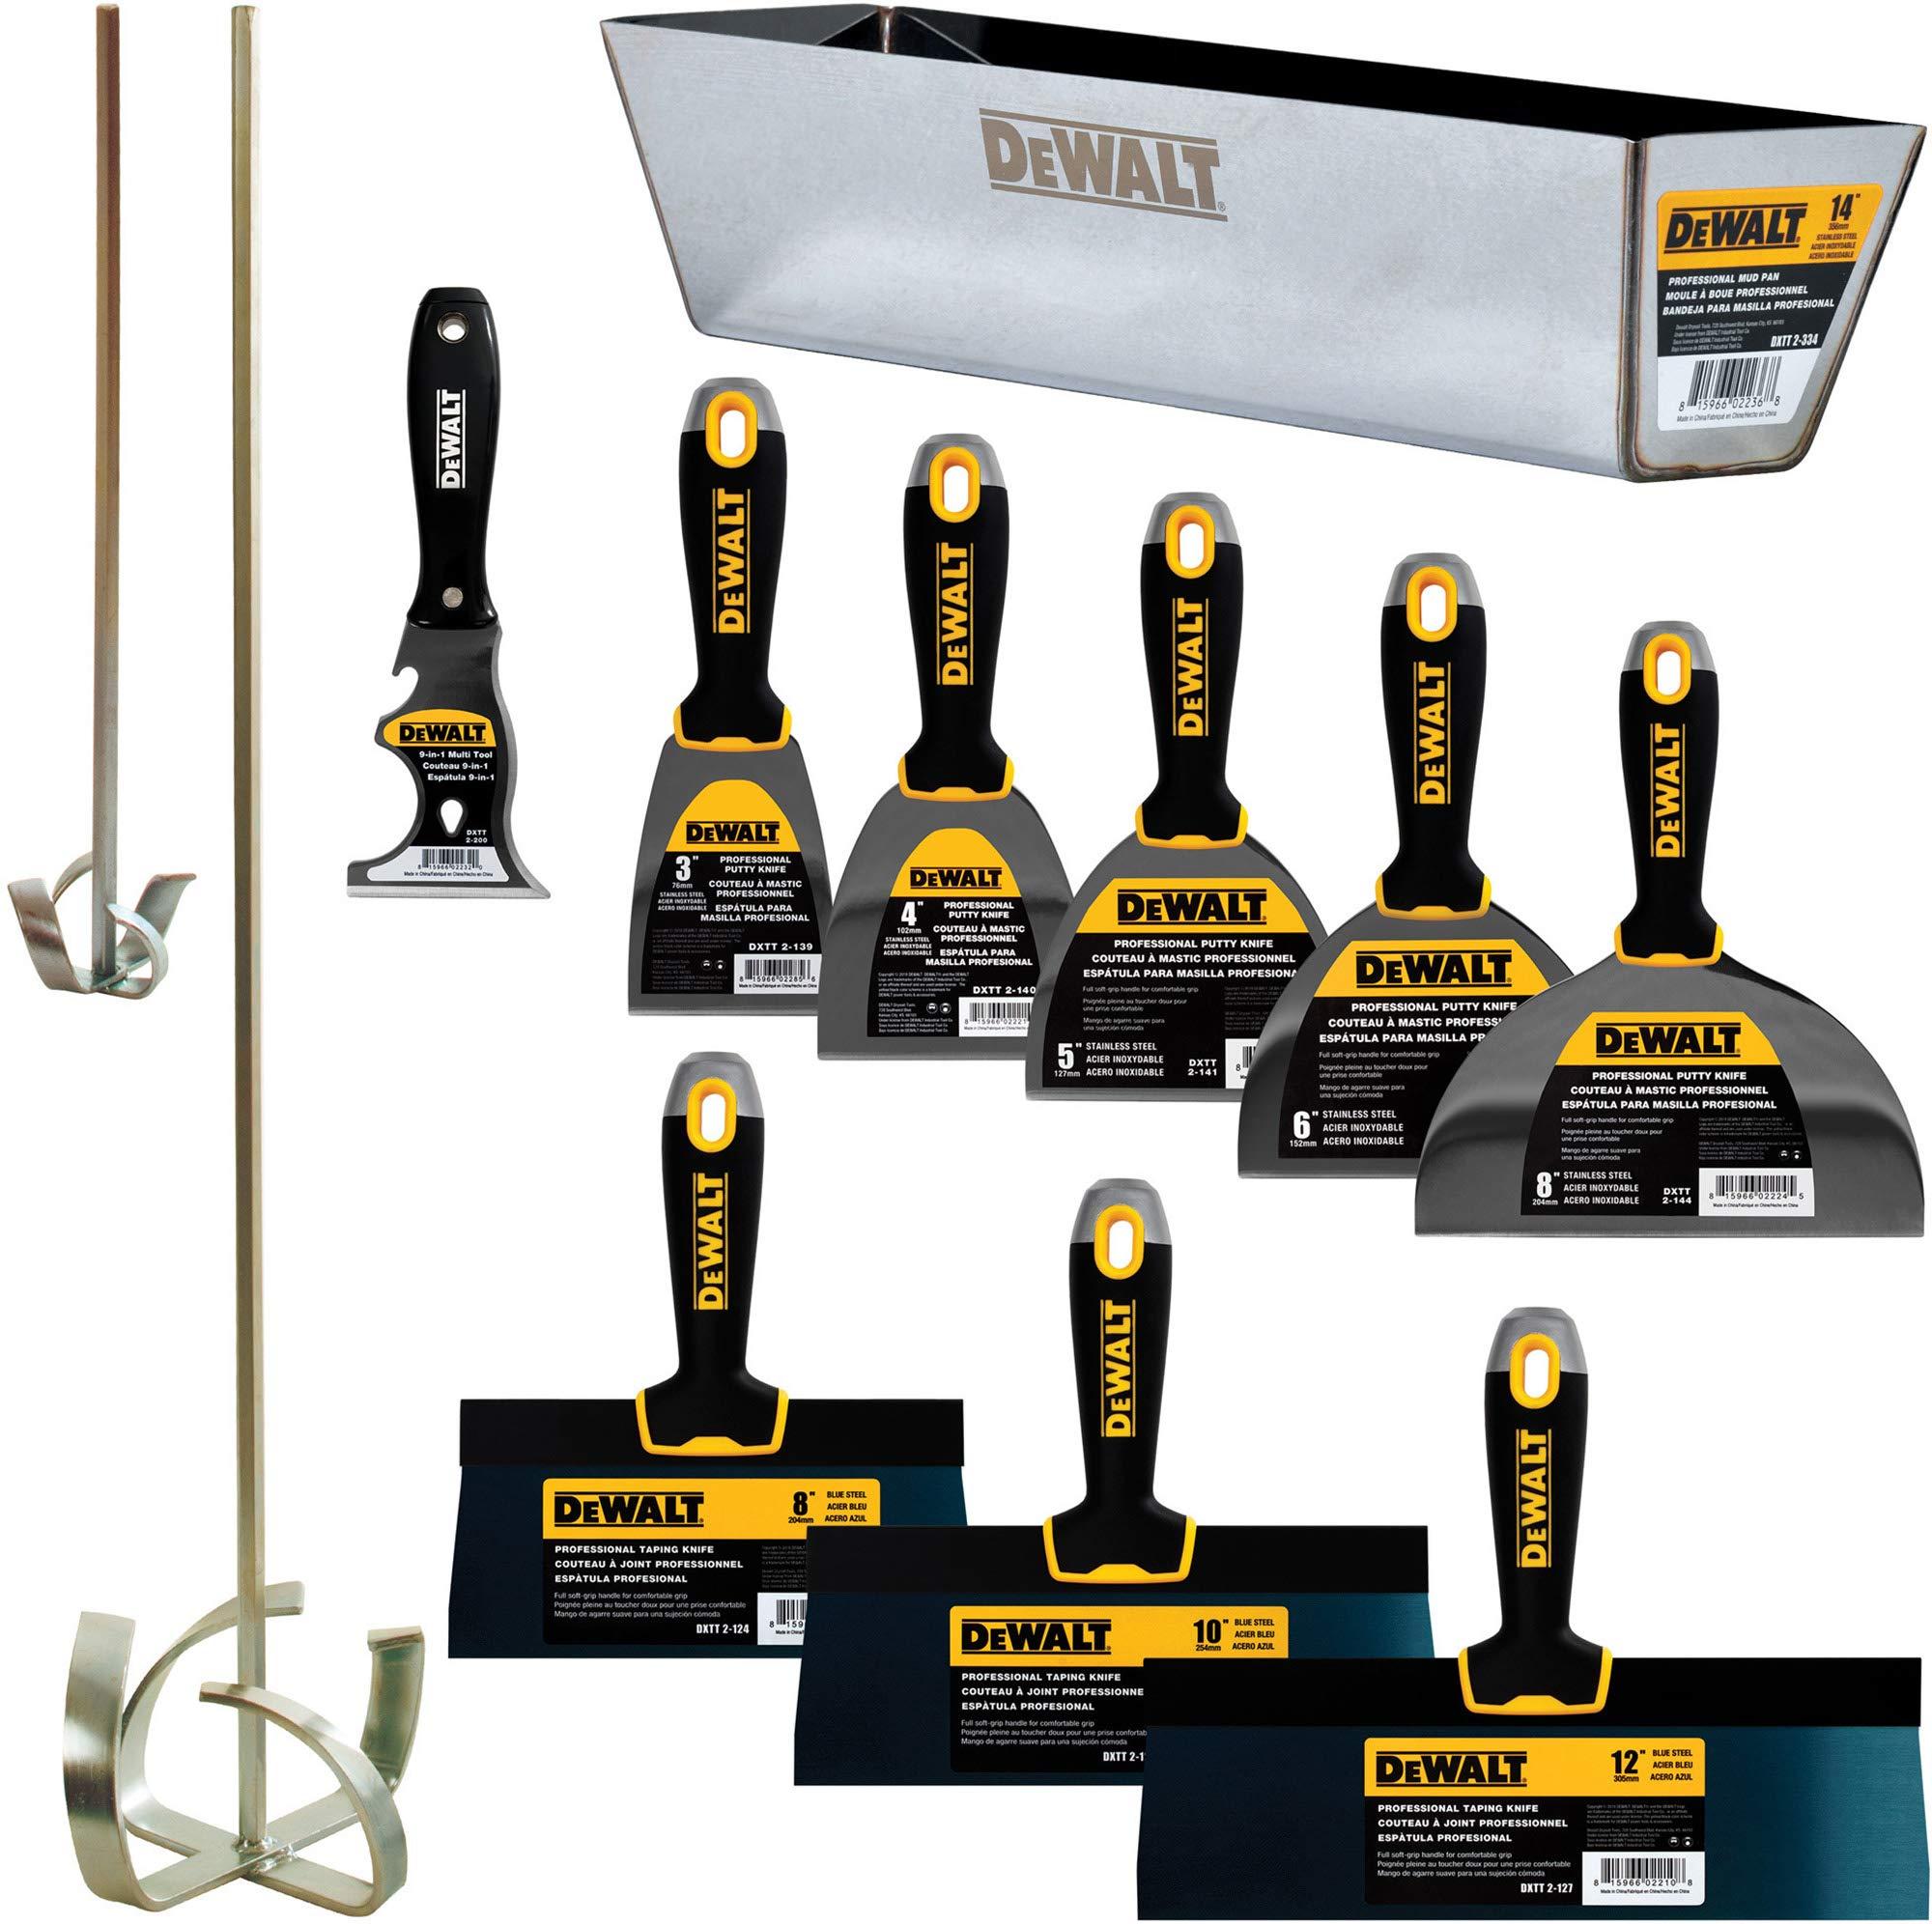 DEWALT DELUXE Blue/Carbon Steel Hand Tool Set | 8/10/12'' Taping Knives, 3/4/5/6/8'' Putty Knives, 2 Mud Mixers, 9-in-1 Painter's Multitool + FREE BONUS 14'' Mud Pan | DXTT-3-610 by DEWALT